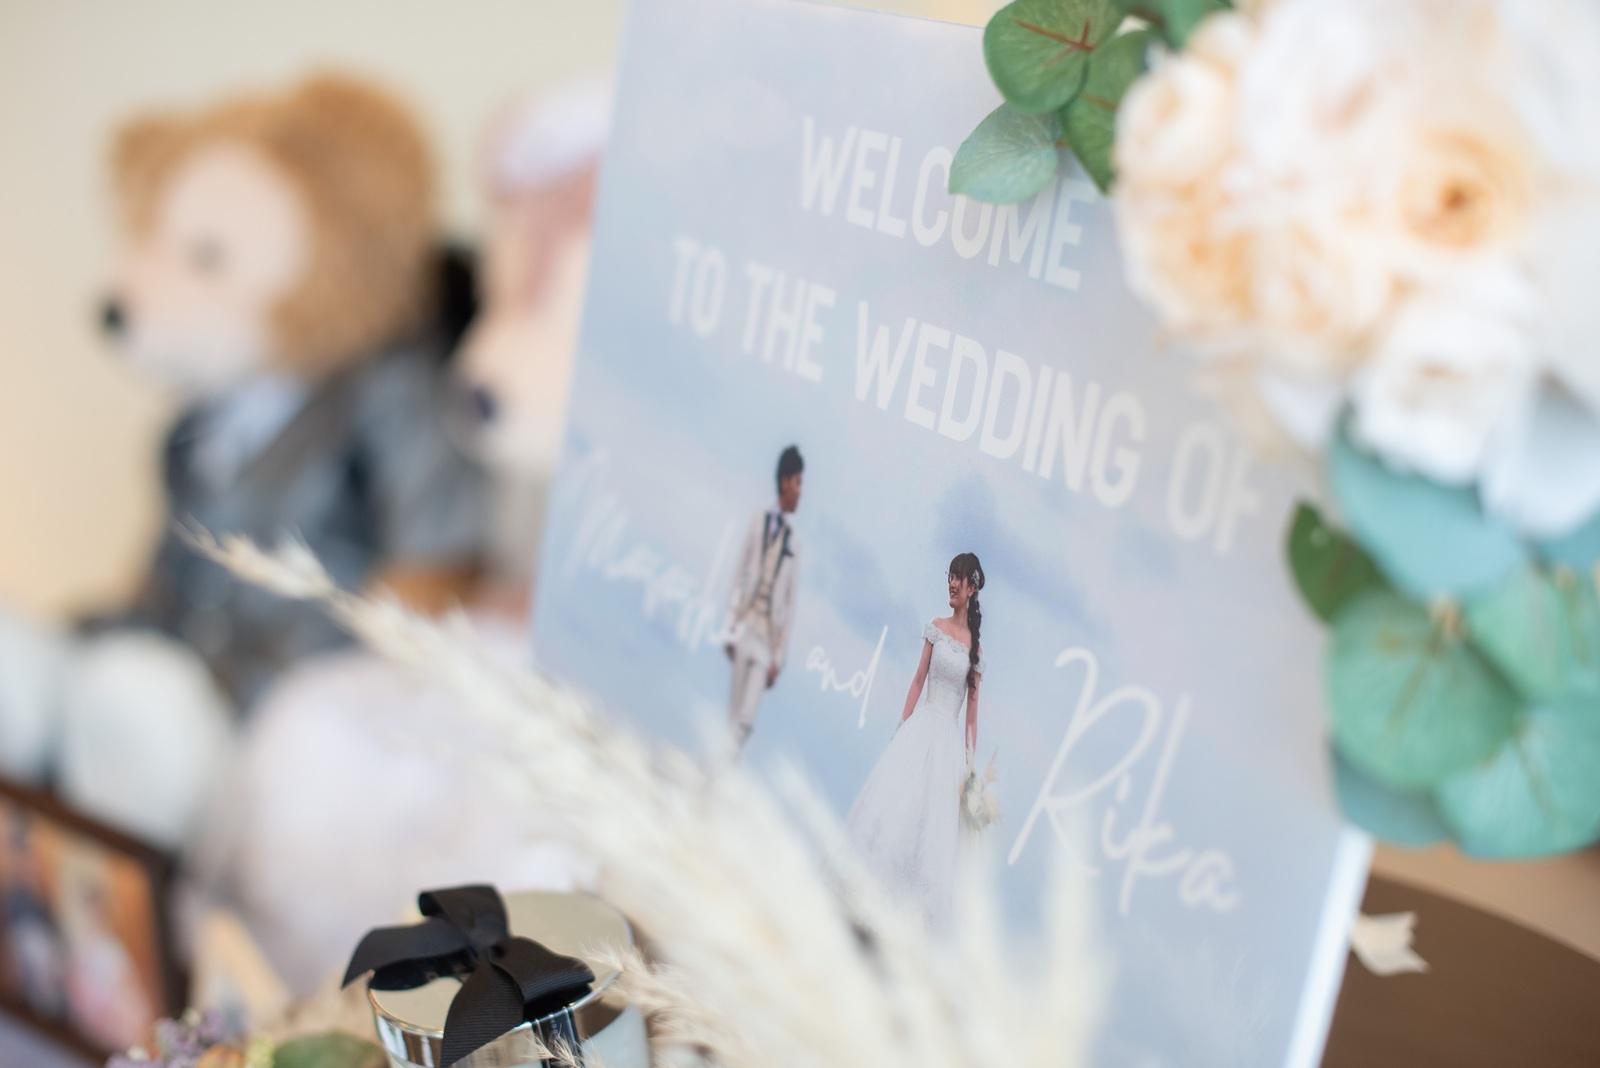 徳島市の結婚式場ブランアンジュで受付に飾った前撮り写真のウェルカムボード